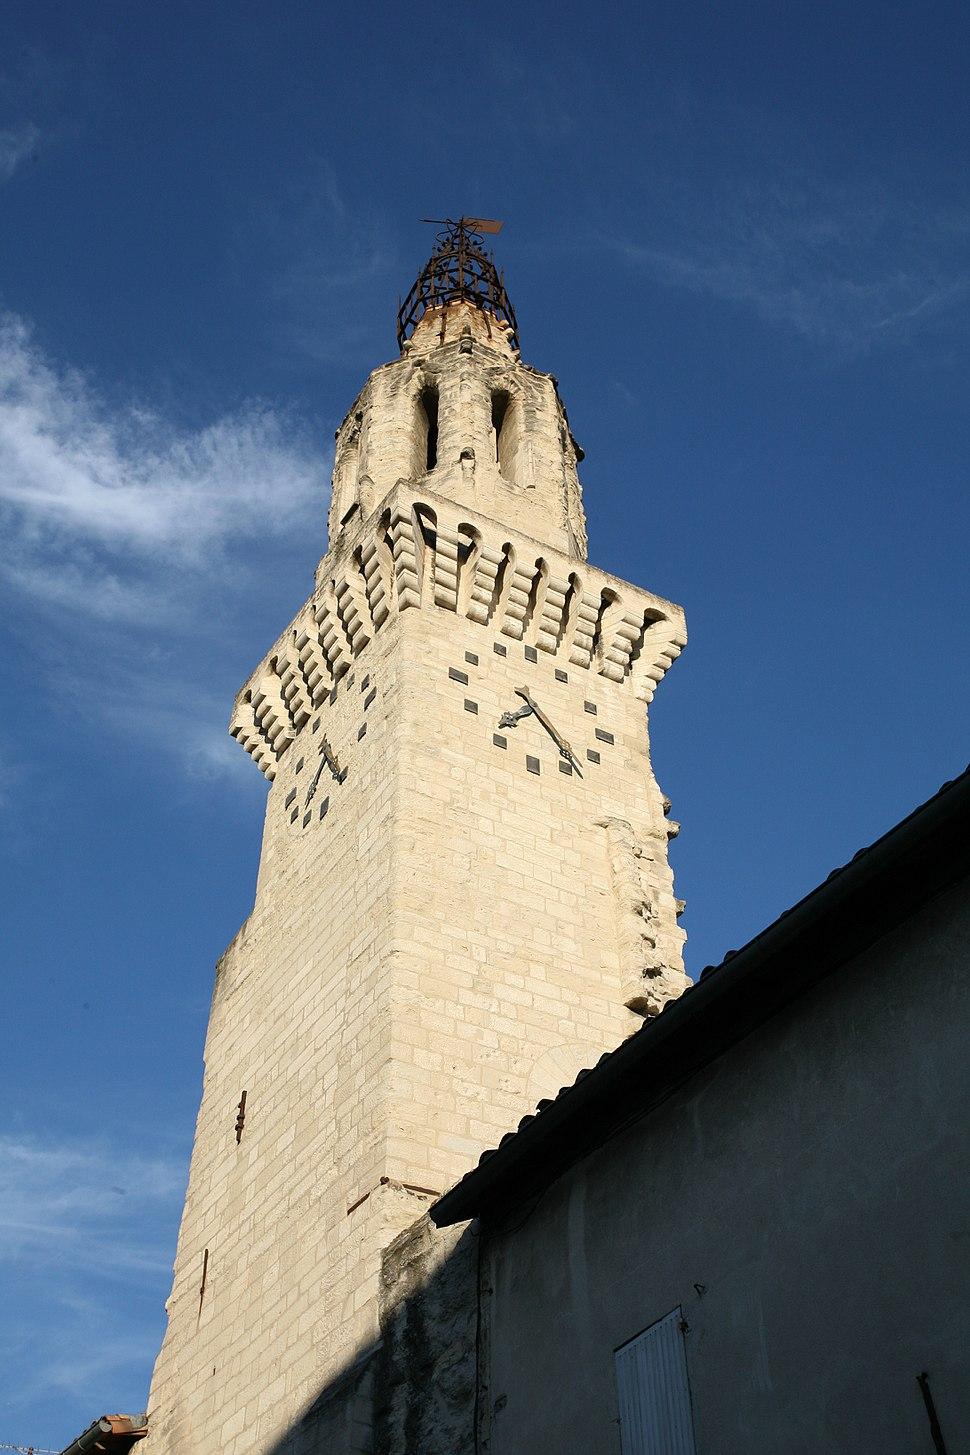 Clocher de l'église des Augustins (Place des Carmes) Avignon, by JM Rosier